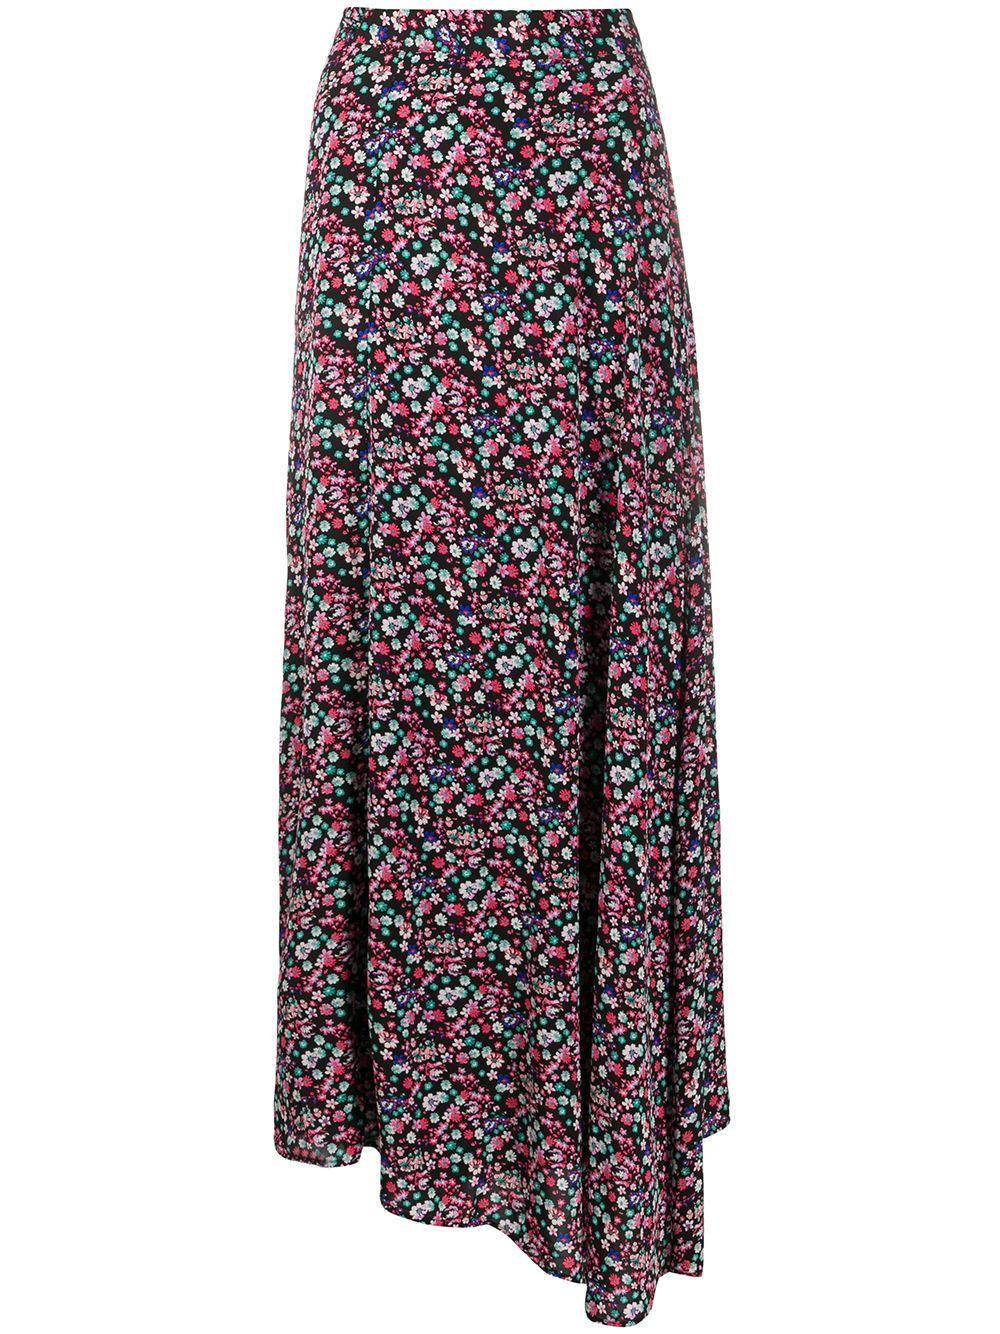 Essentiel Antwerp юбка с запахом и цветочным принтом